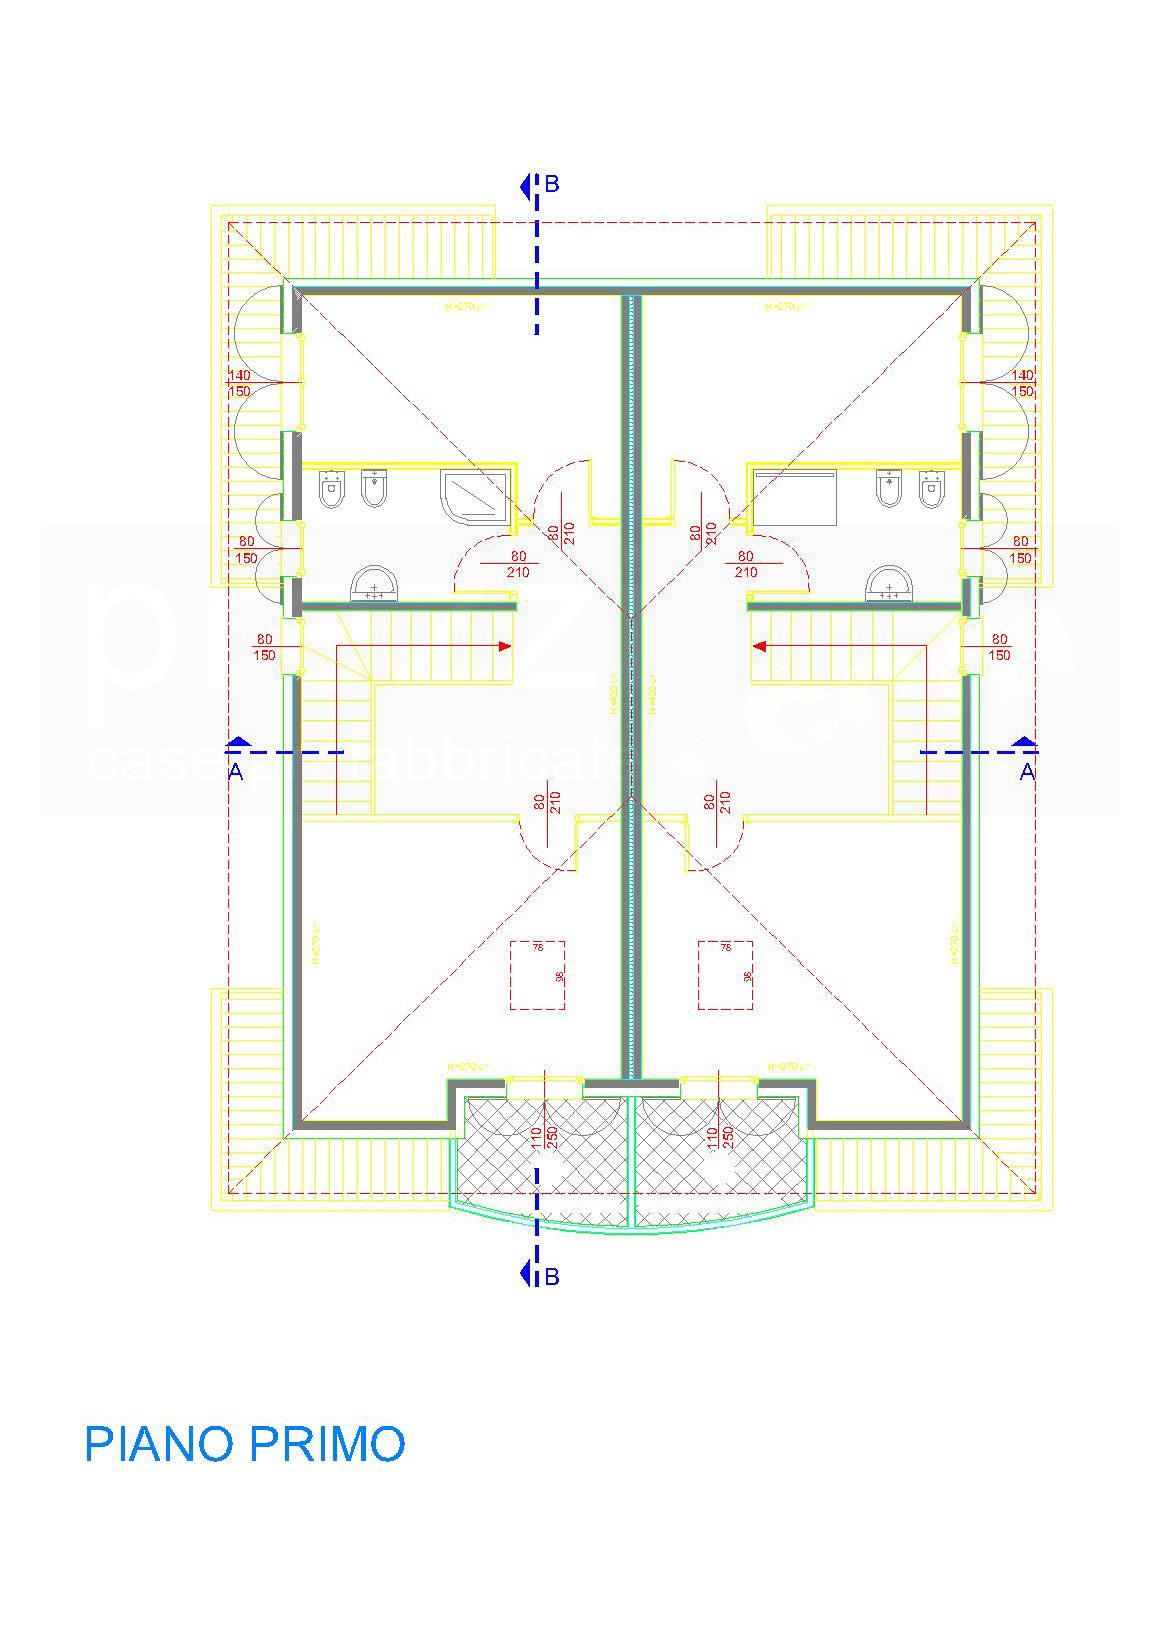 casa-S-pianta-piano-primo-WM Case prefabbricate legno Rovereto sulla Secchia, Modena